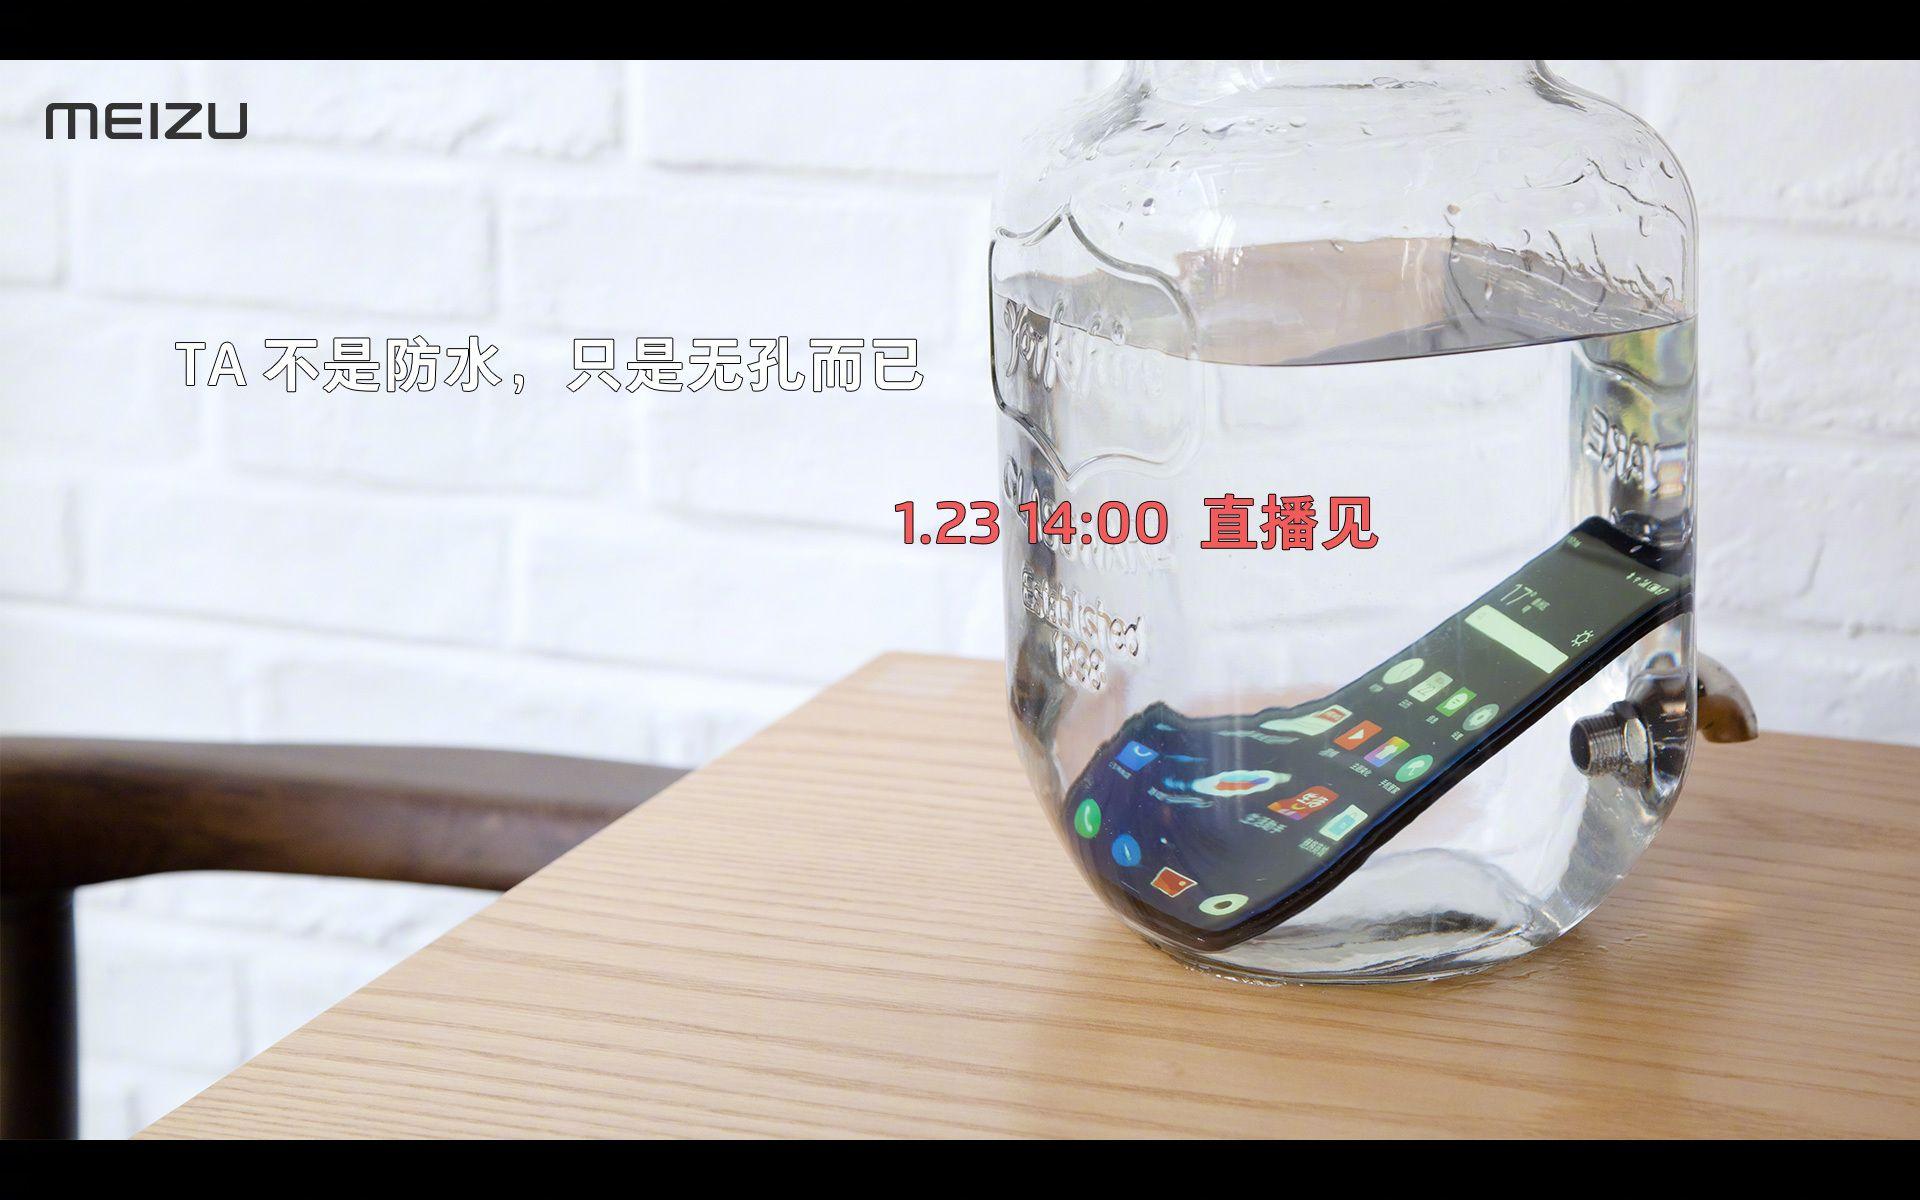 世界初Holeless Phoneの発表会を本日15:00に開催。名称はMeizu Zero?